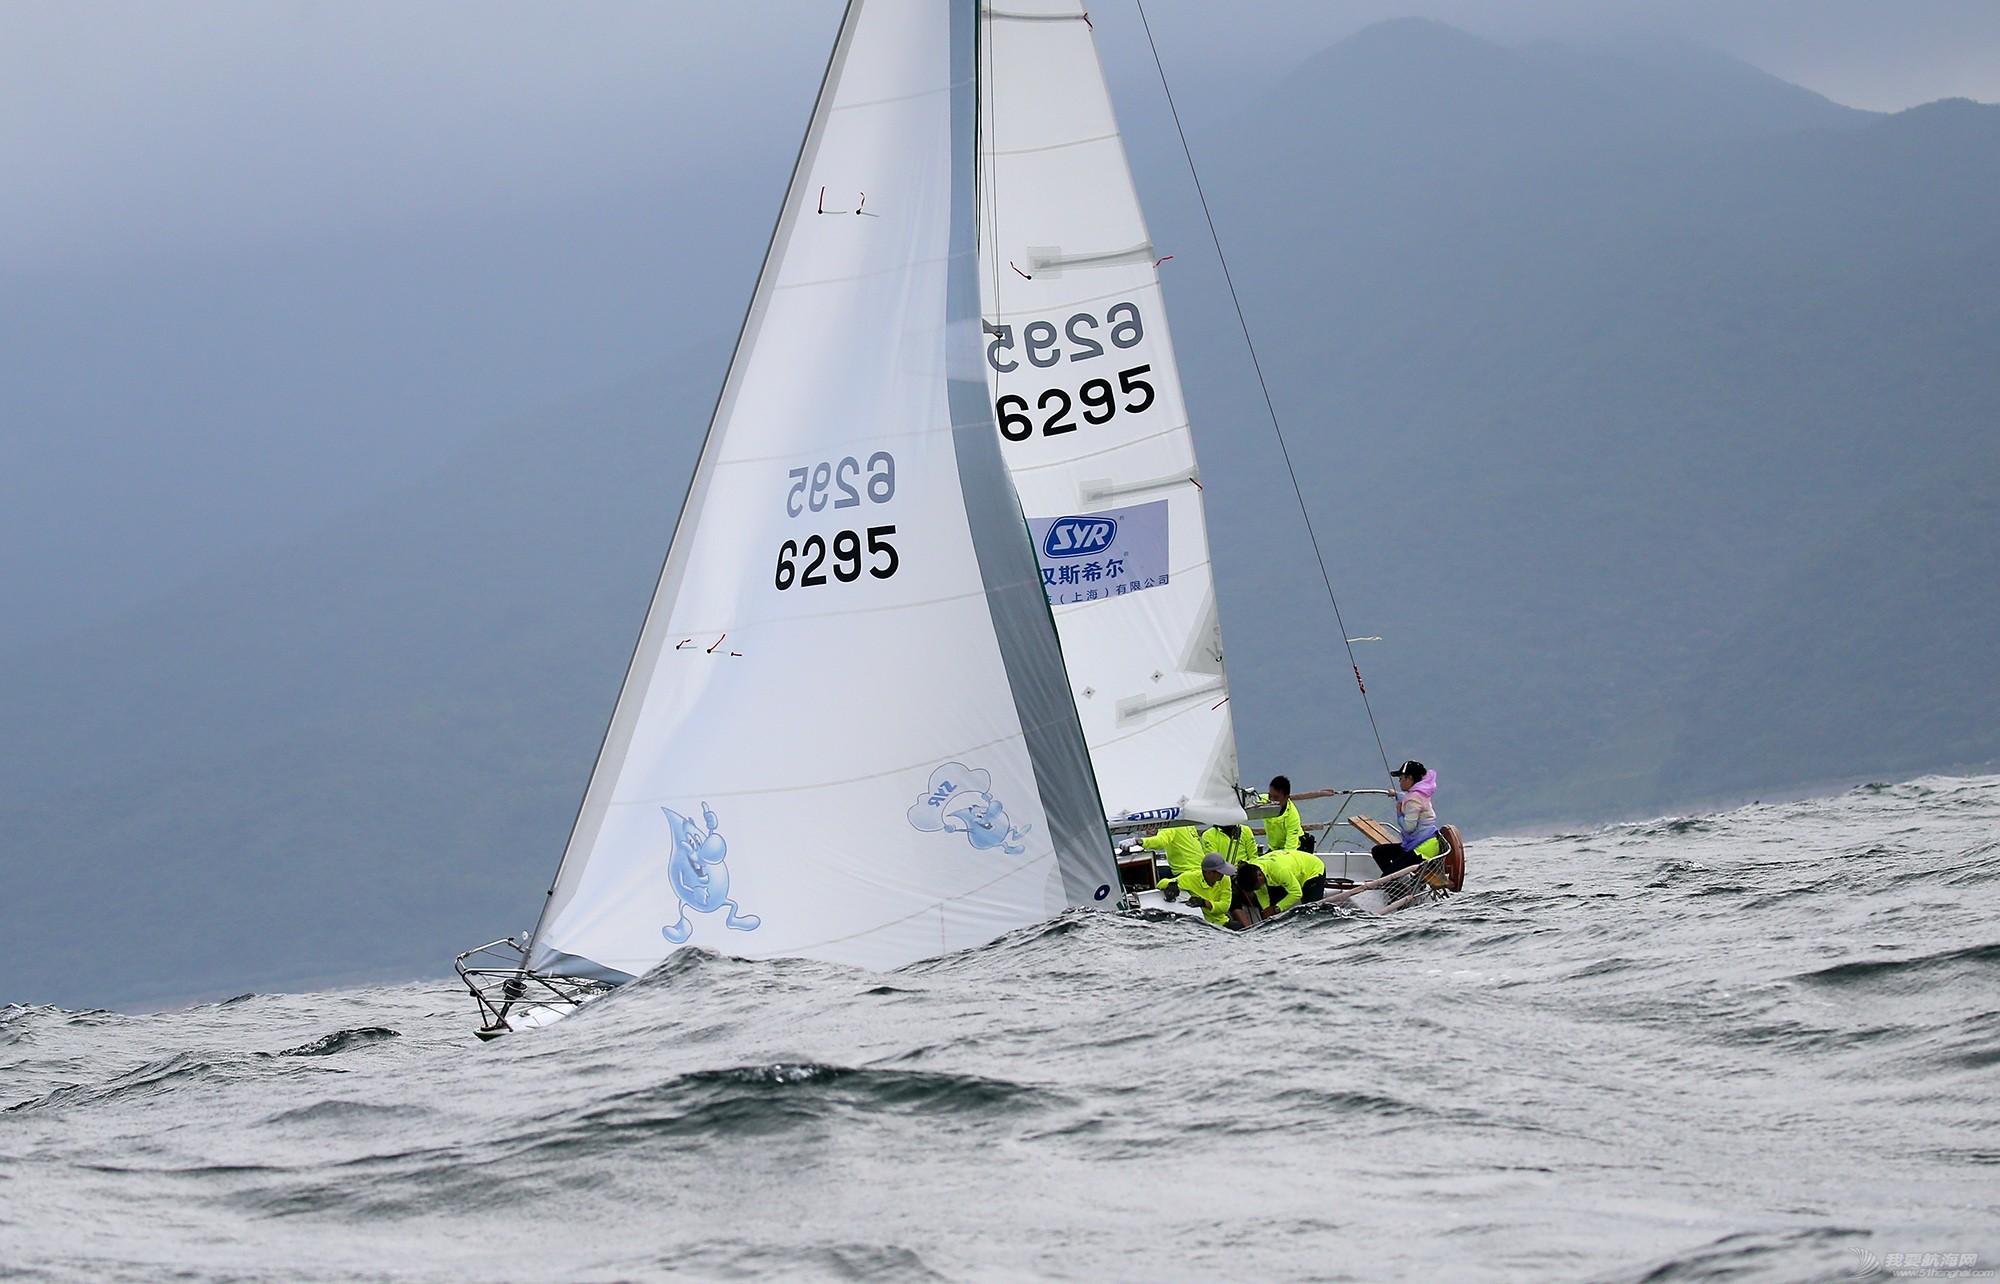 中国 中国杯帆船赛第三日——无风不起浪,雨中见刀枪 E78W7524.JPG